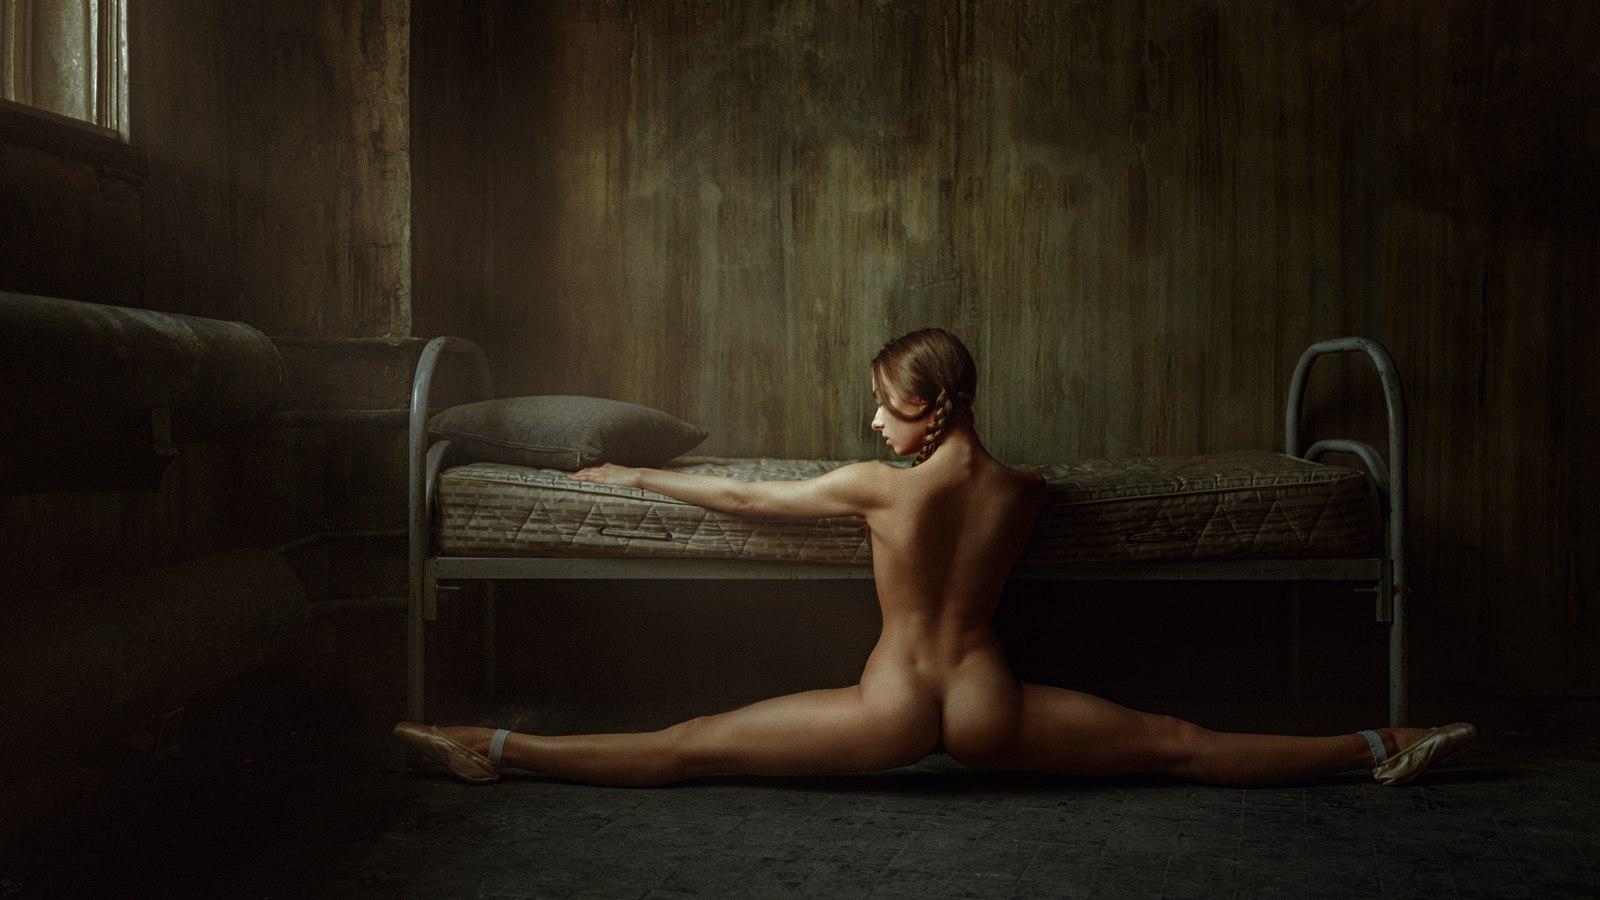 Katya by Georgy Chernyadyev